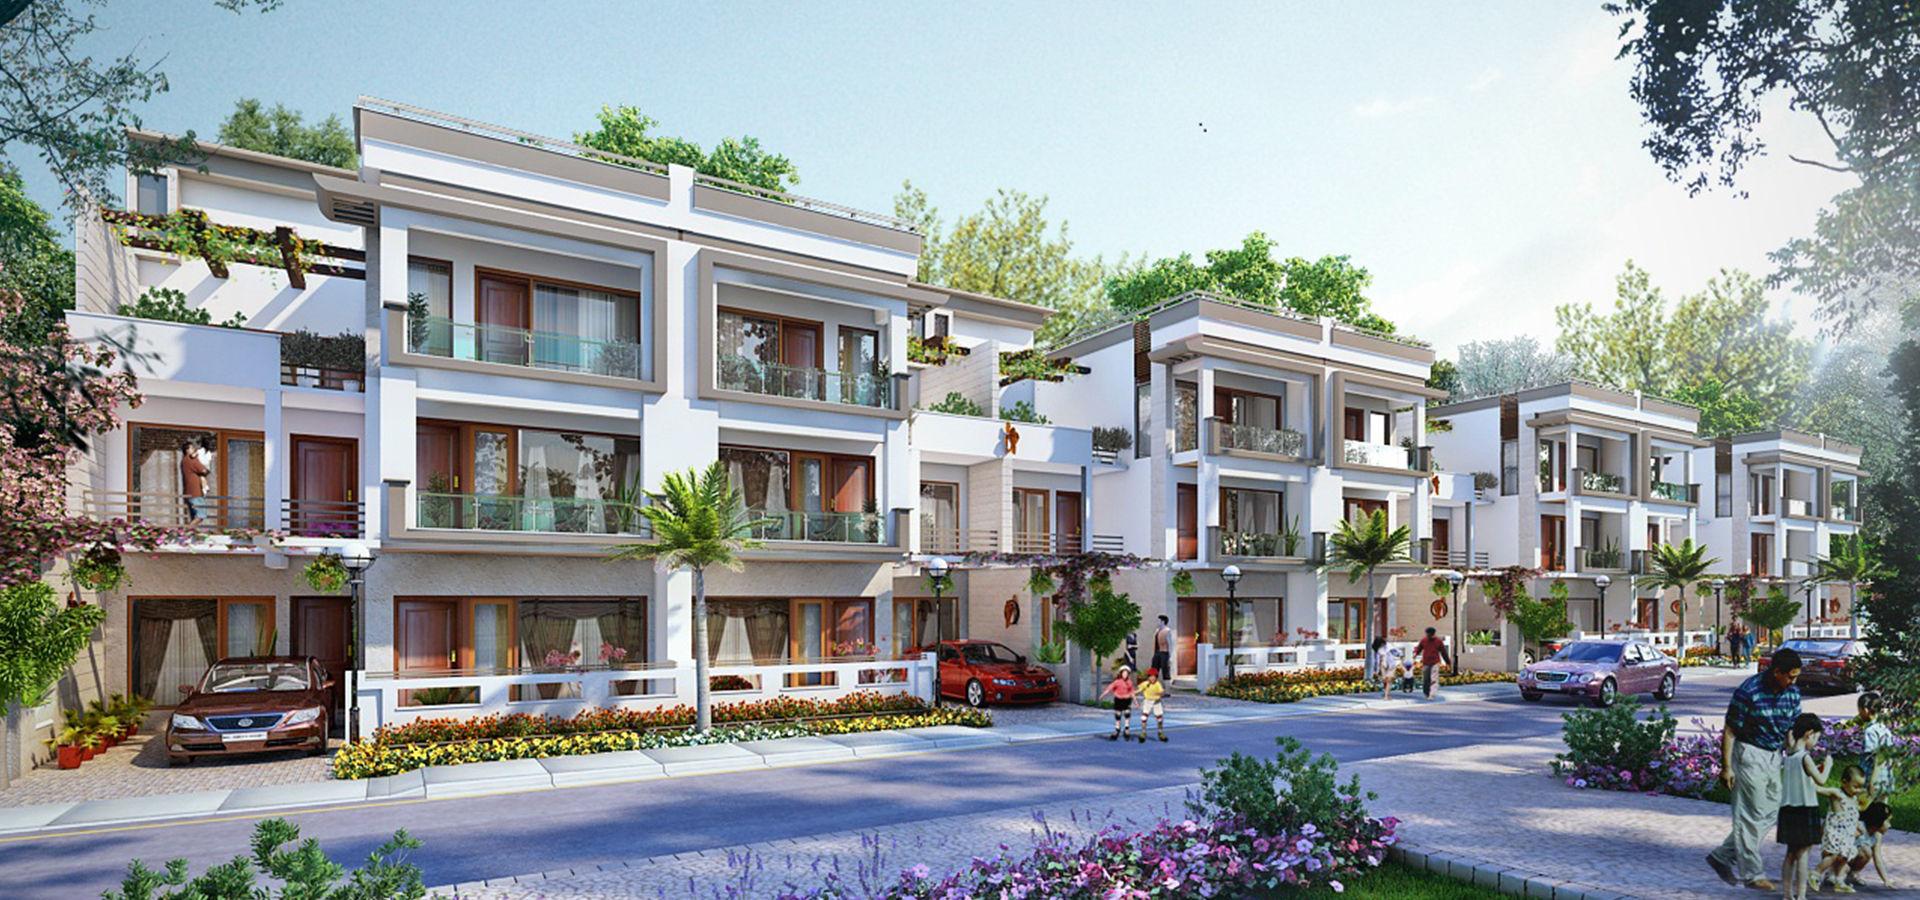 Housing at Jhansi